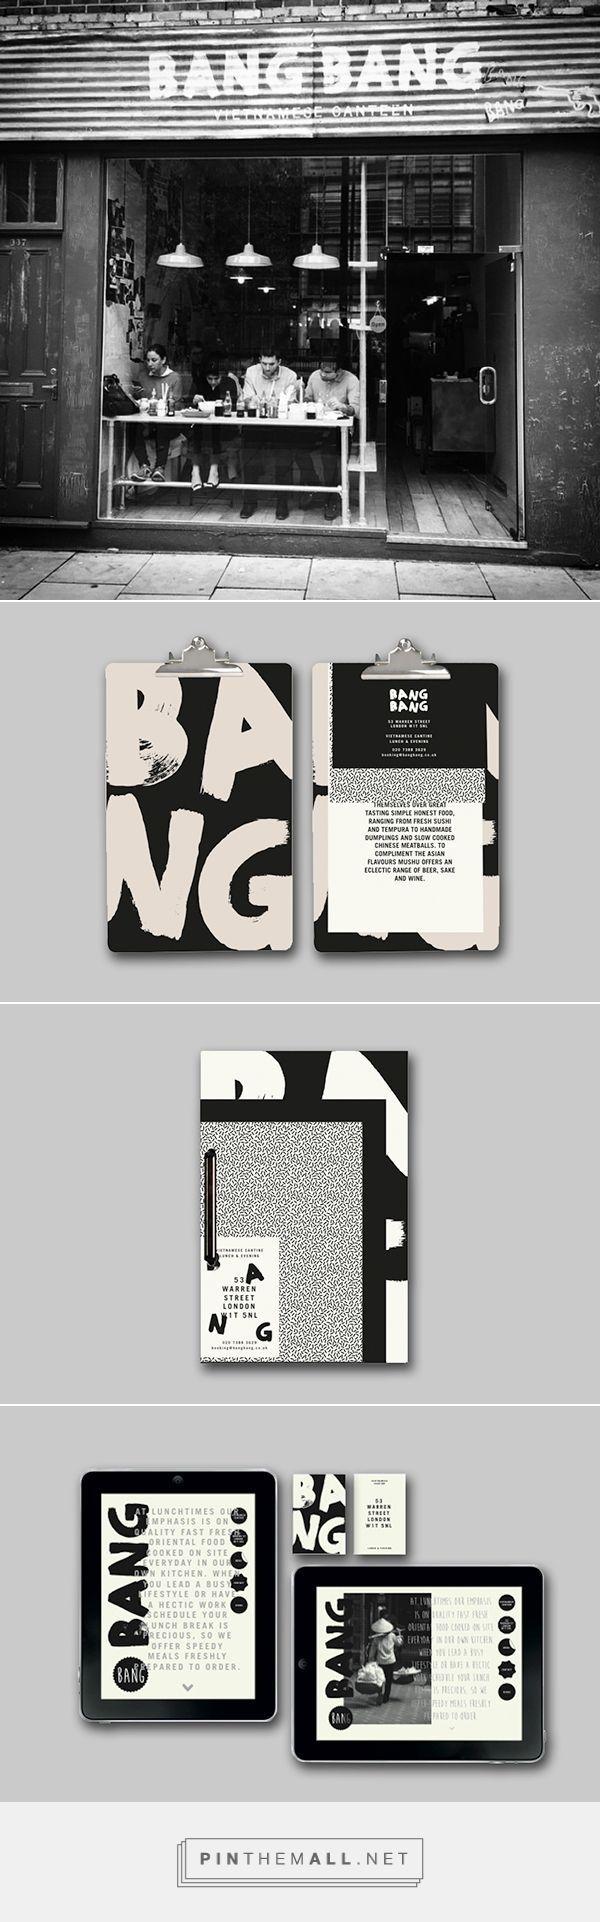 BangBang Branding on Behance | Fivestar Branding – Design and Branding Agency & Inspiration Gallery